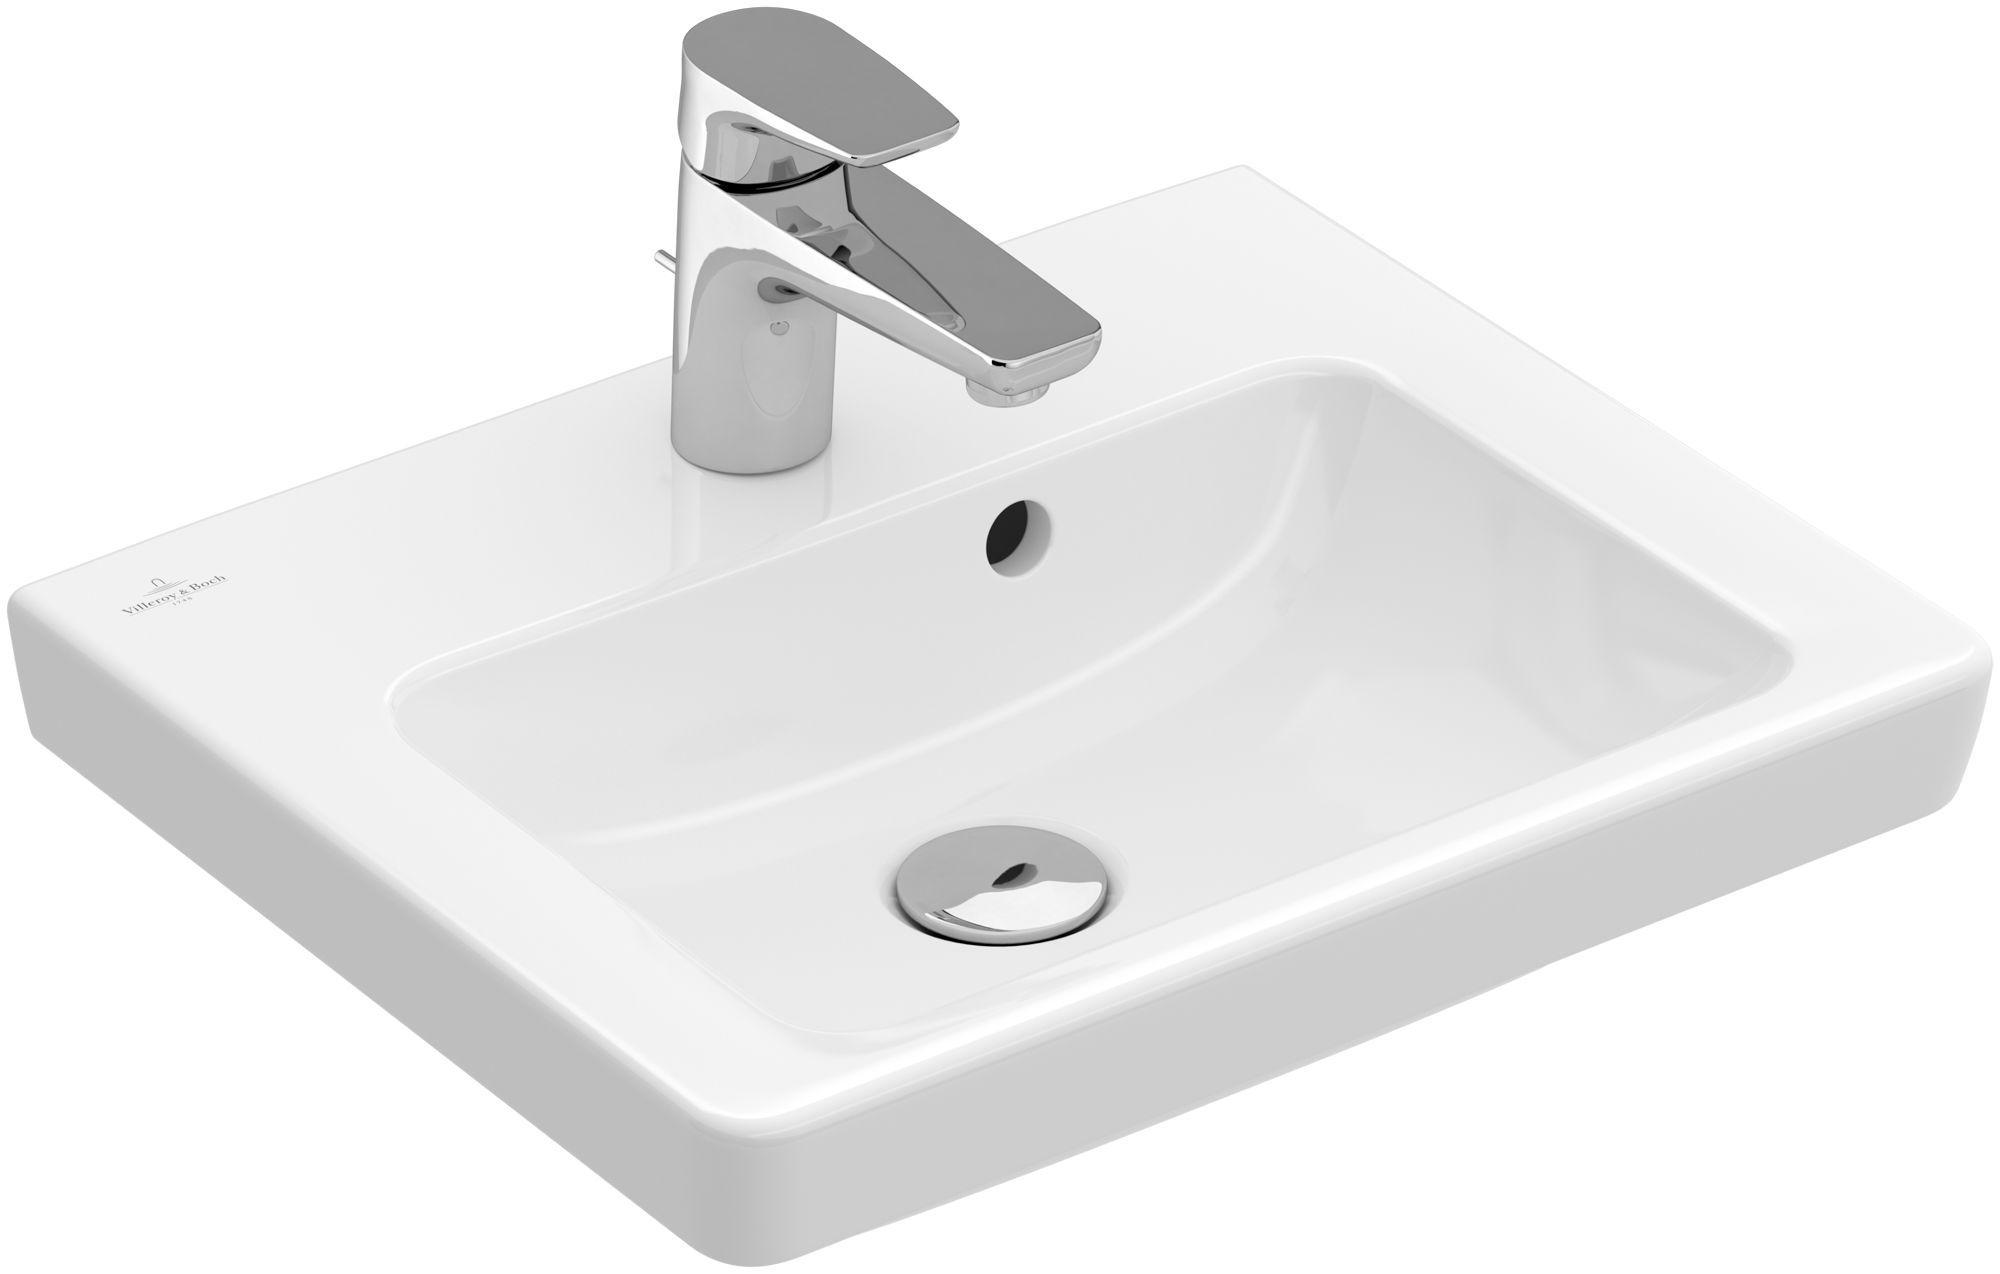 Villeroy & Boch Subway 2.0 Handwaschbecken B:45xT:37cm 1 Hahnloch mit Überlauf weiß 7315F501